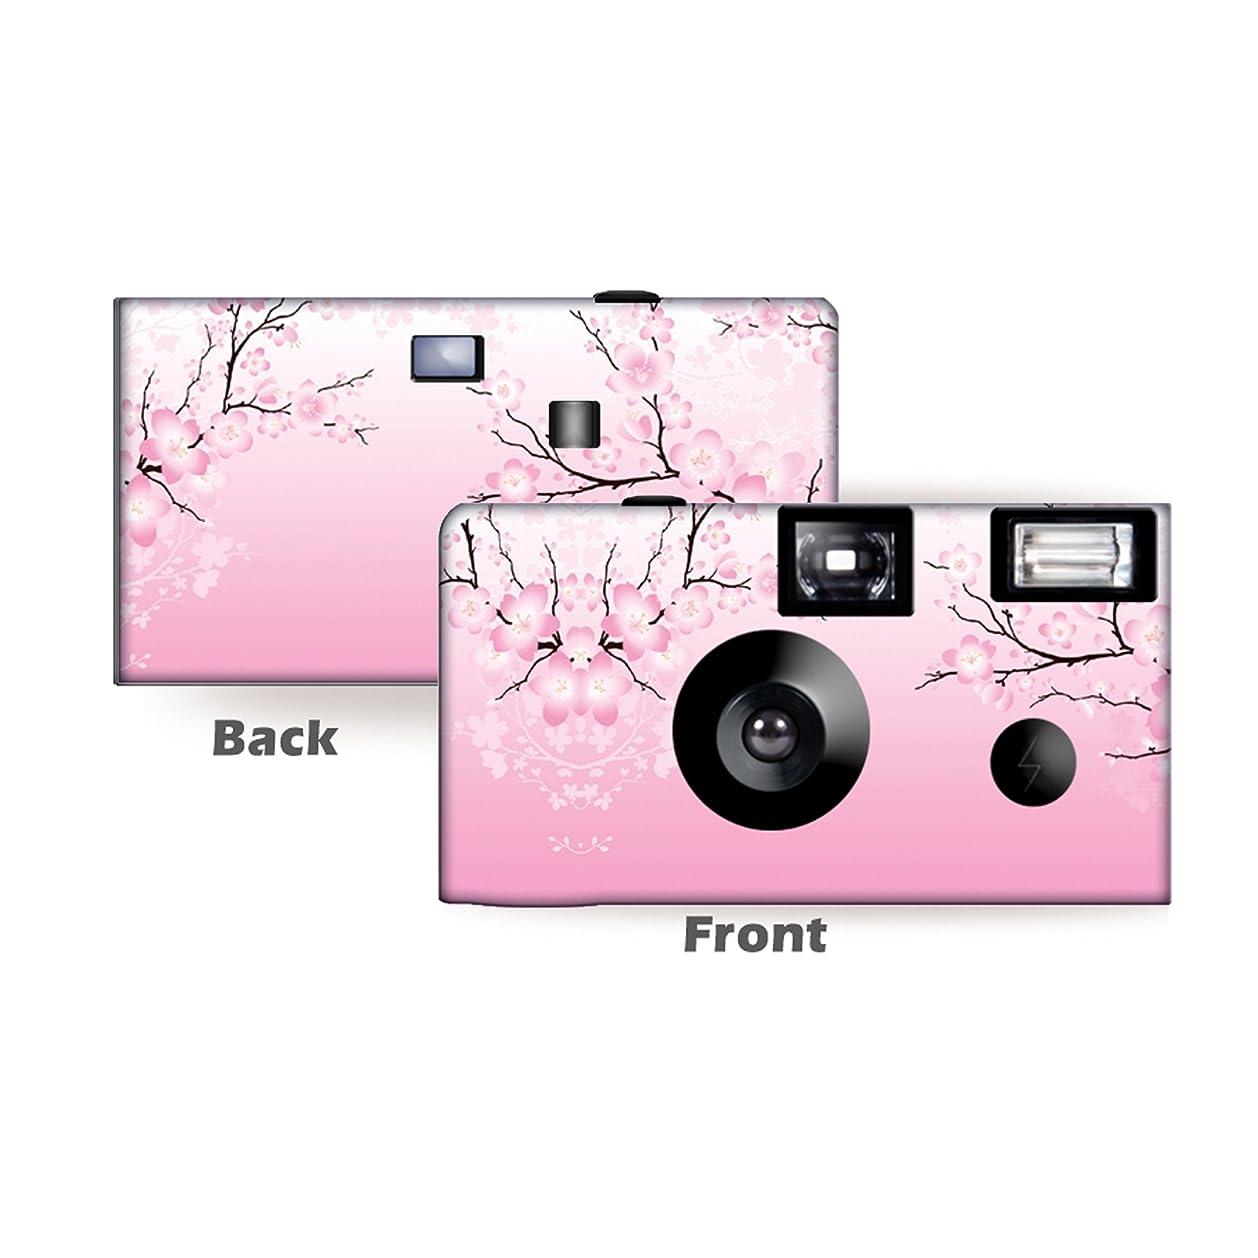 やるサイトライン影響力のある5パックCherry Blossoms使い捨てカメラ